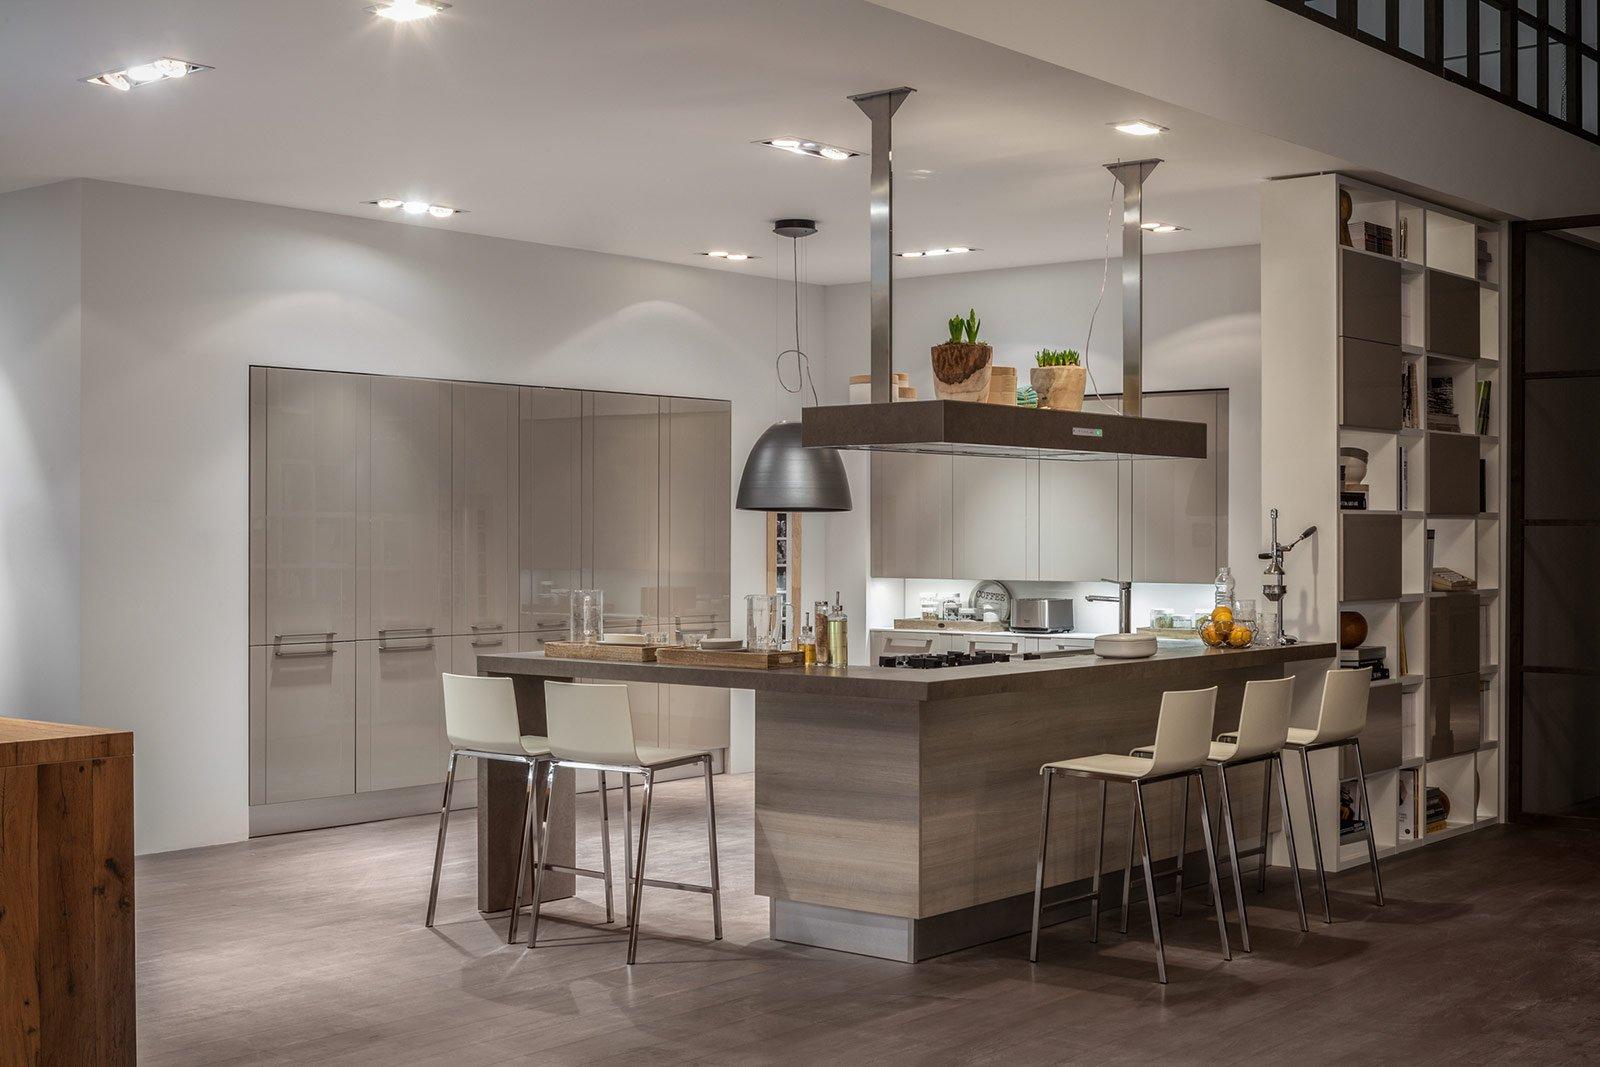 Cucina E Soggiorno Openspace Funzioni Divise O Spiccata